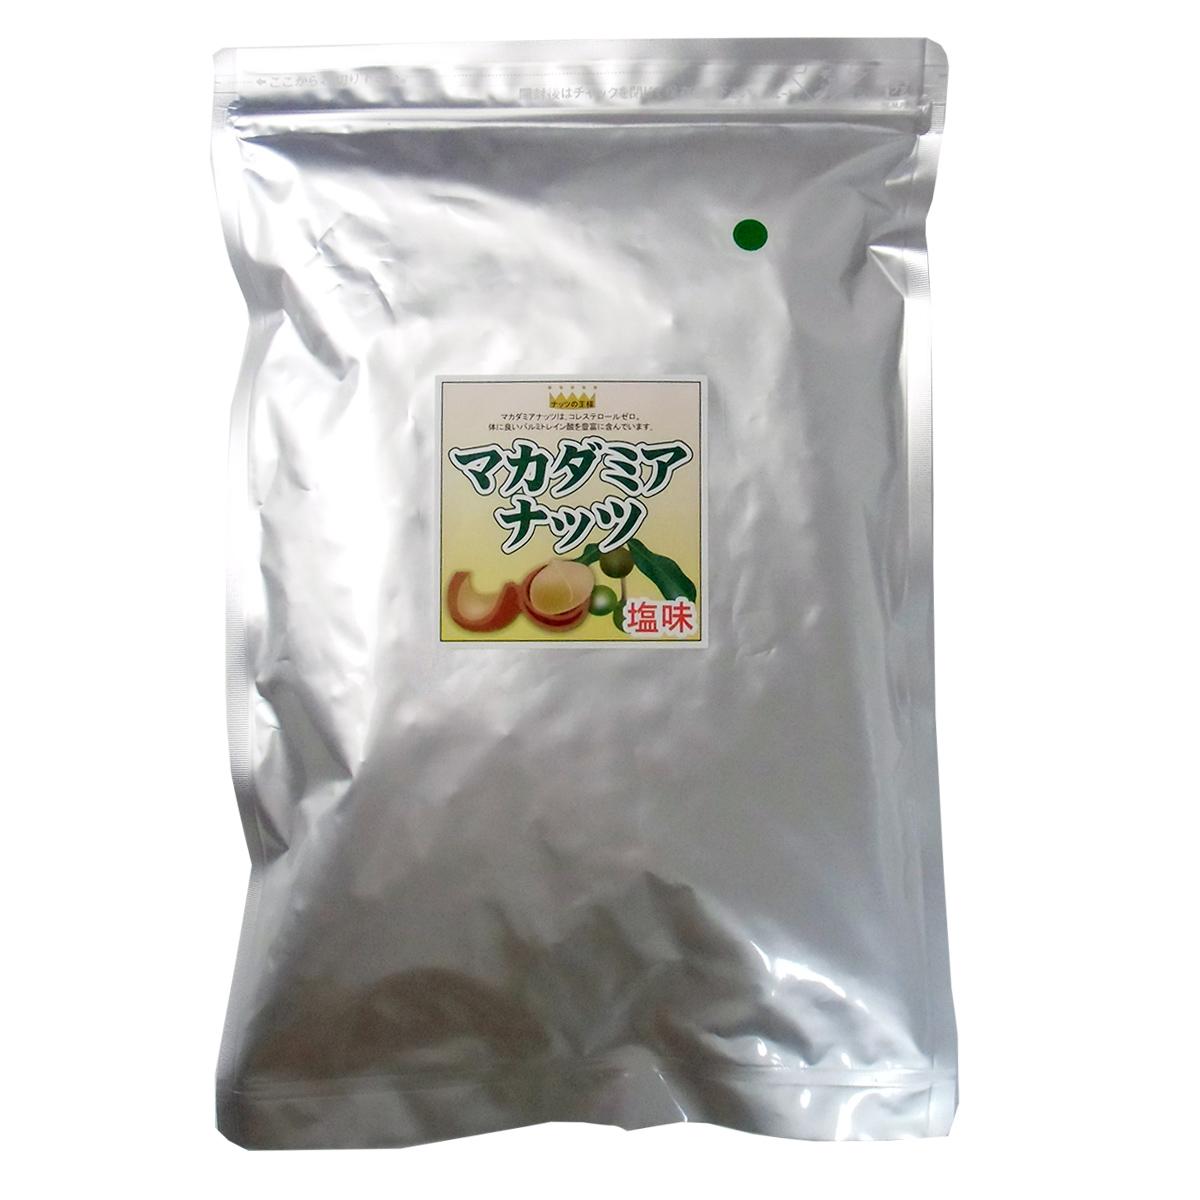 マカダミアナッツ 大粒(ホール) ロースト 塩味 500g【メール便】